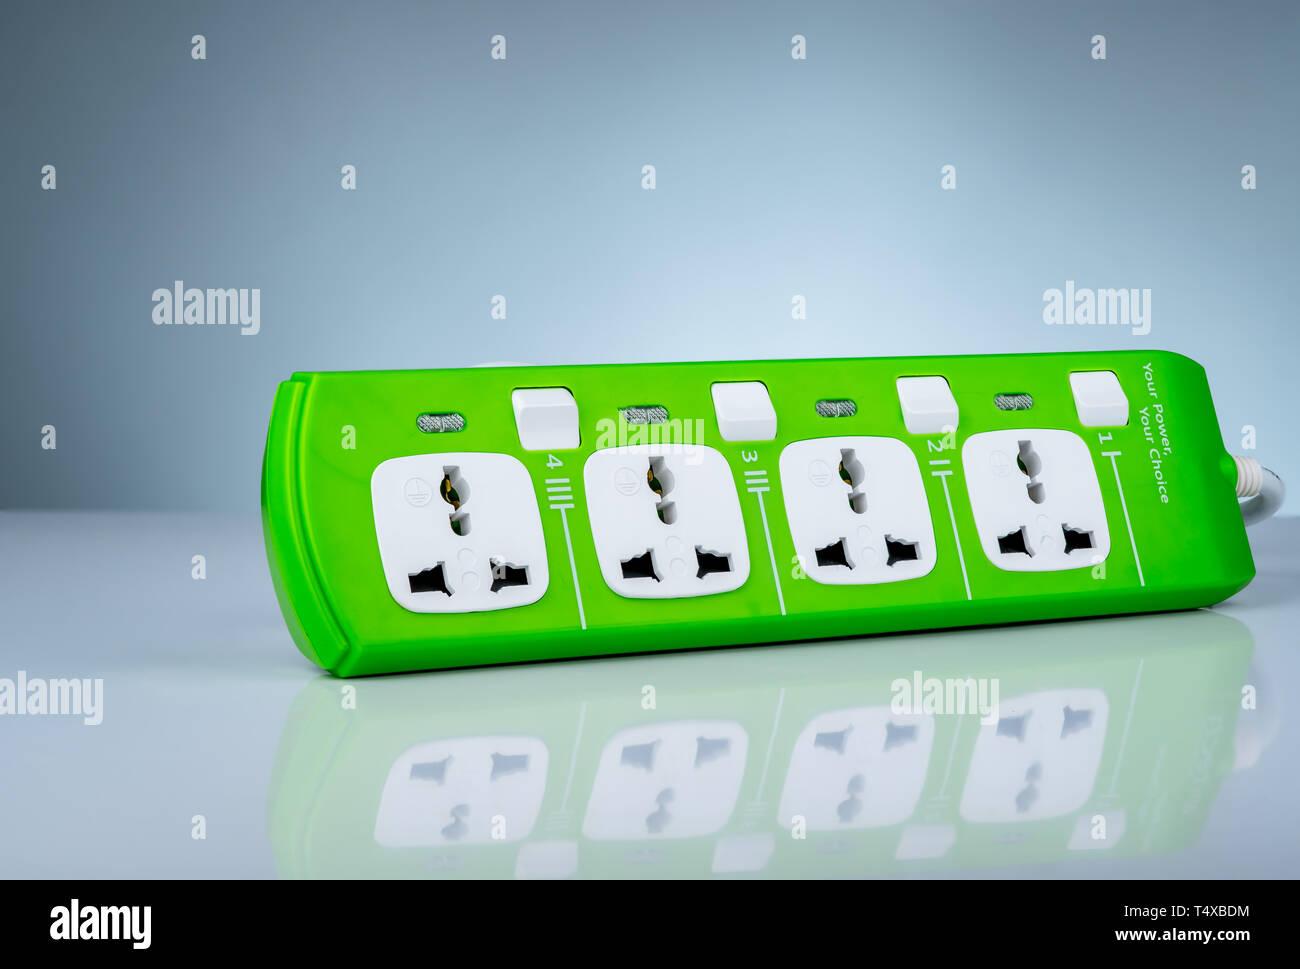 Alta calidad y seguridad regleta con cuatro sockets estándar eléctrico. Enchufe universal verde con protección de sobrecarga. Material resistente al fuego para Foto de stock